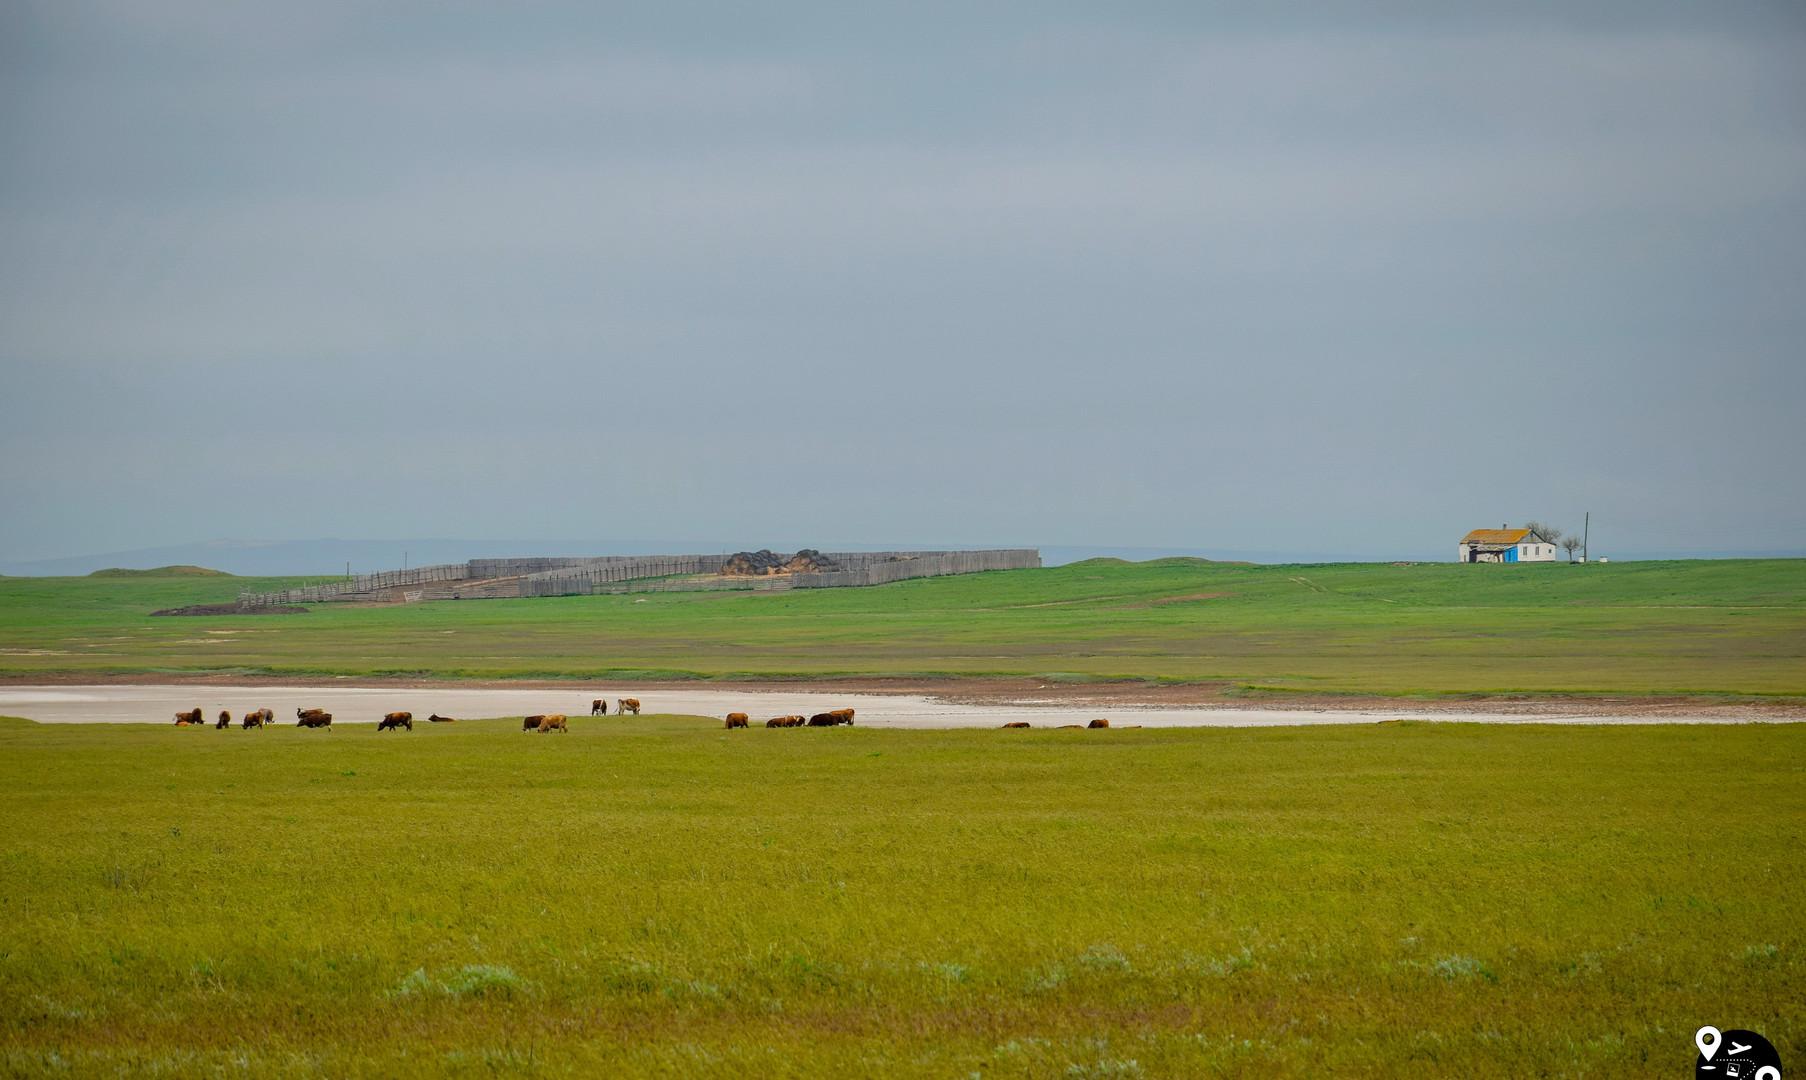 Скотоводческие хозяйства калмыков, около озера Маныч-Гудило